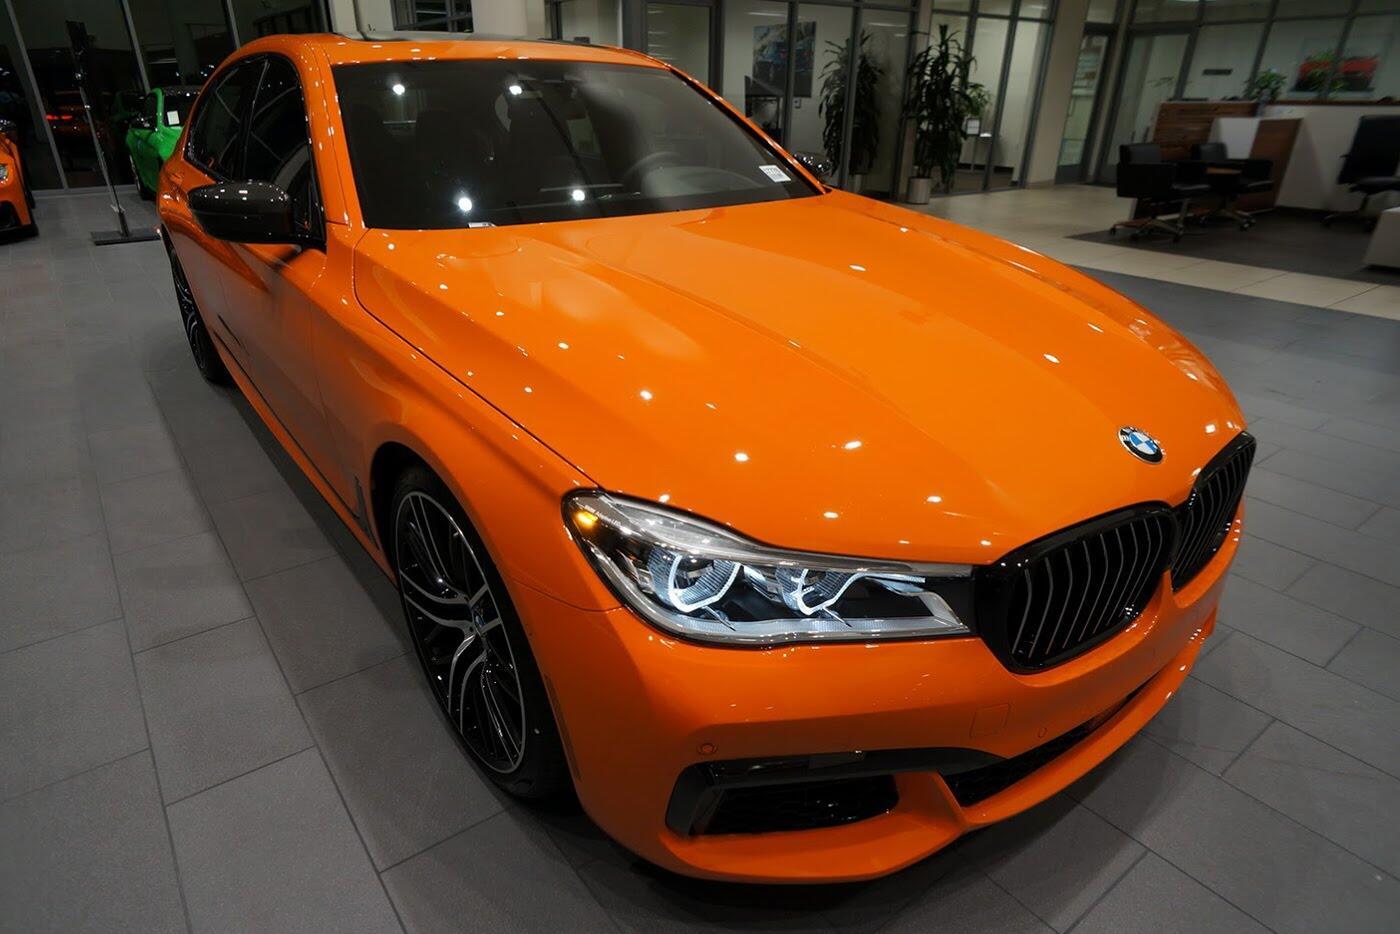 Cận cảnh BMW 750i 2017 phiên bản đặc biệt Fire Orange - Hình 1